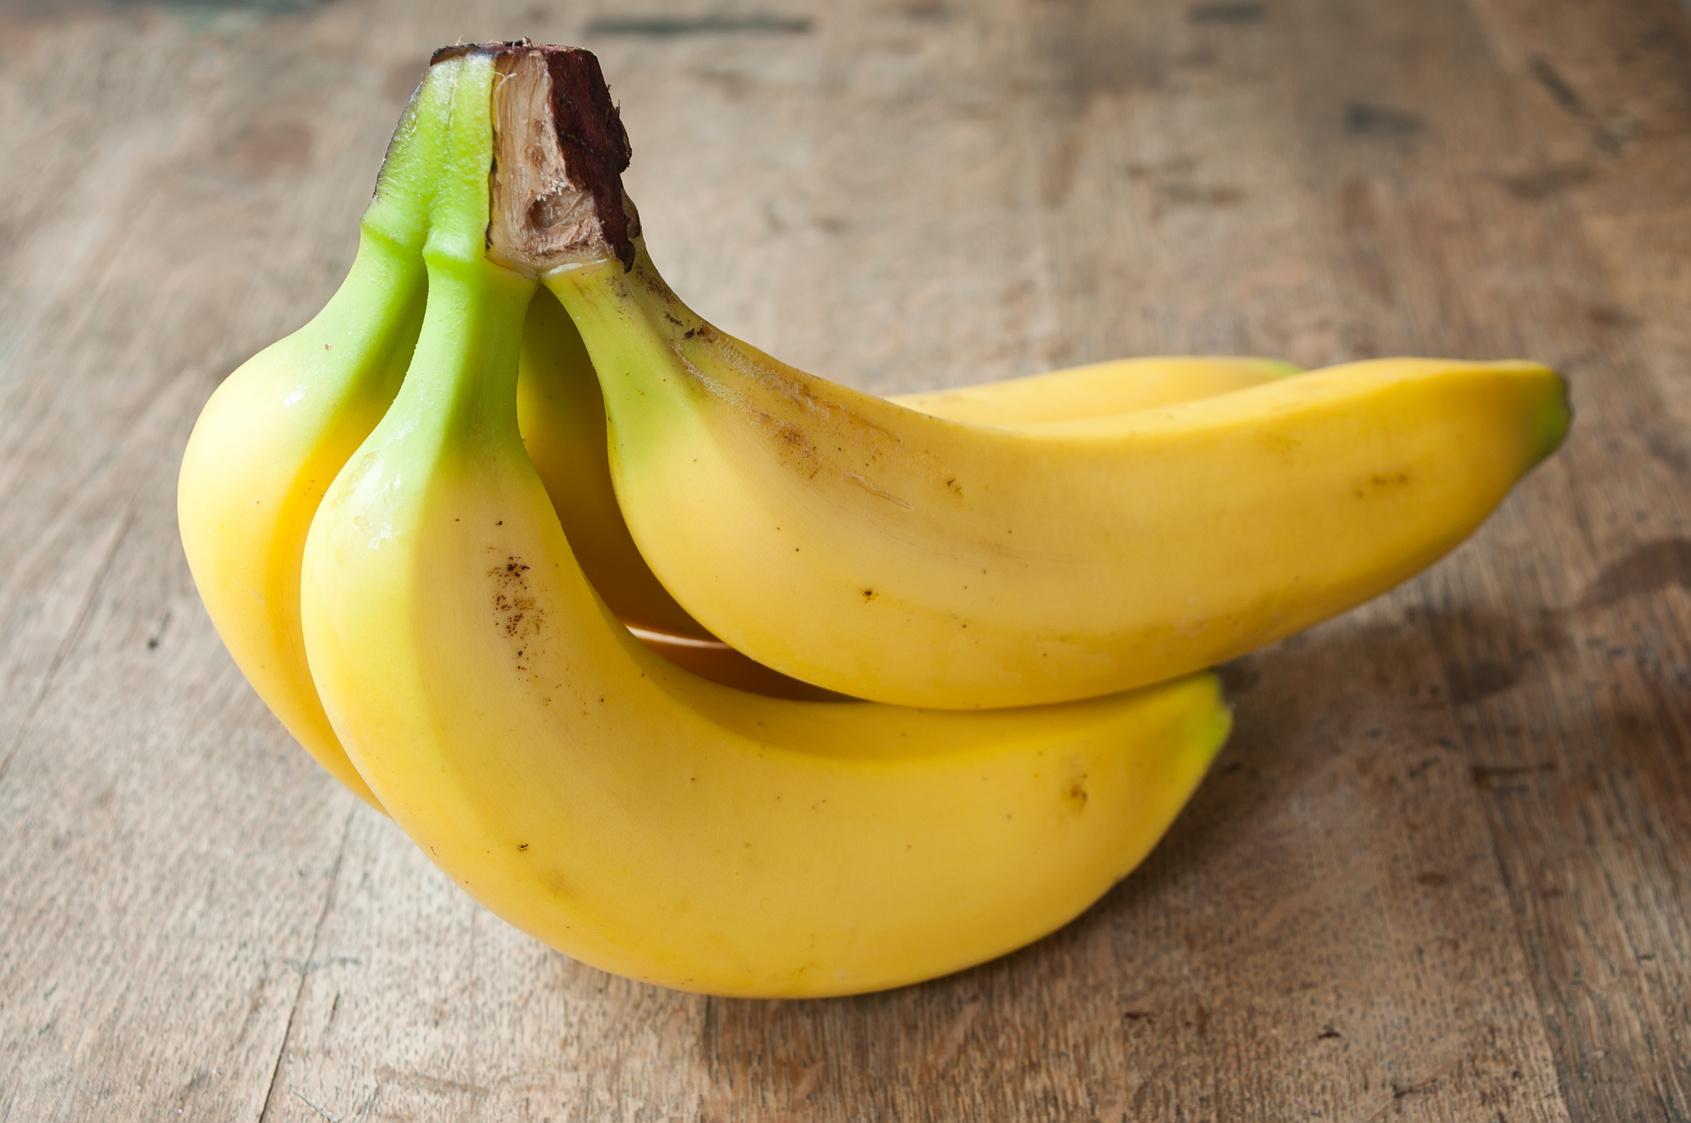 come far maturare le banane